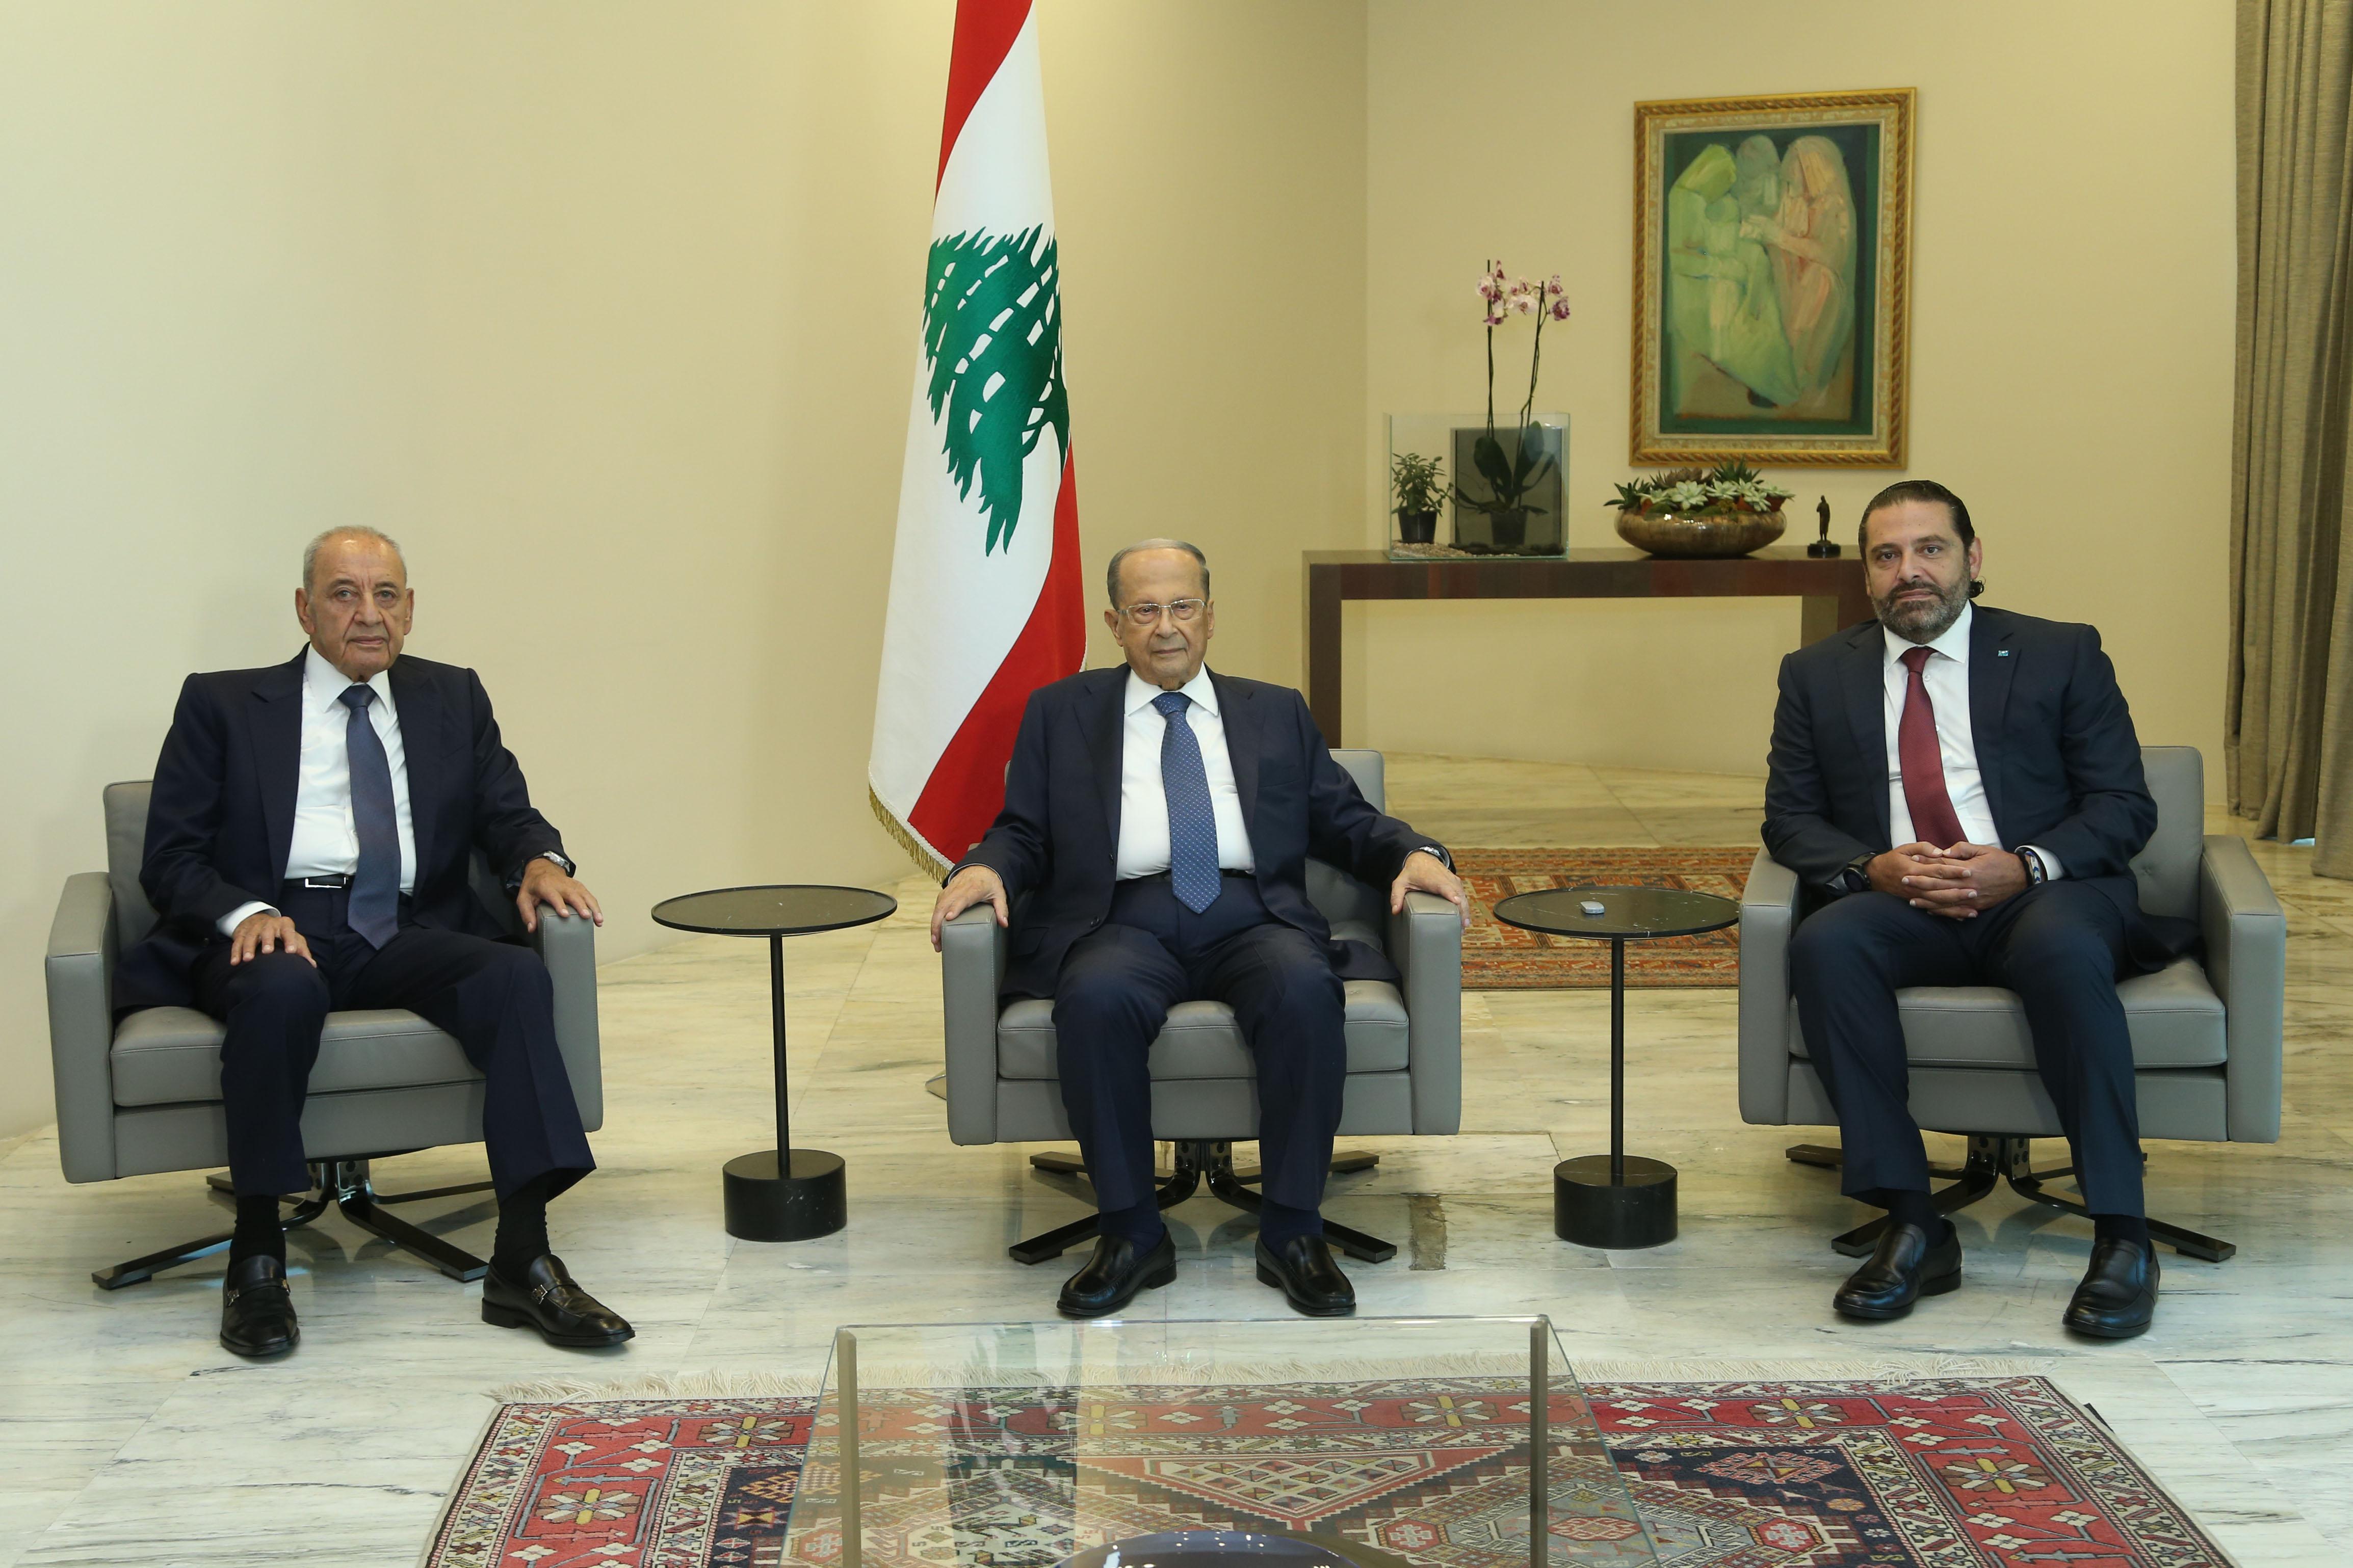 Le Chef de l'Etat, le Général Aoun, avec le Président de la Chambre Nabih Berri et le Premier Ministre Saad Hariri, avant le sommet économique. Lundi 2 septembre 2019. Source Photo: Dalati & Nohra